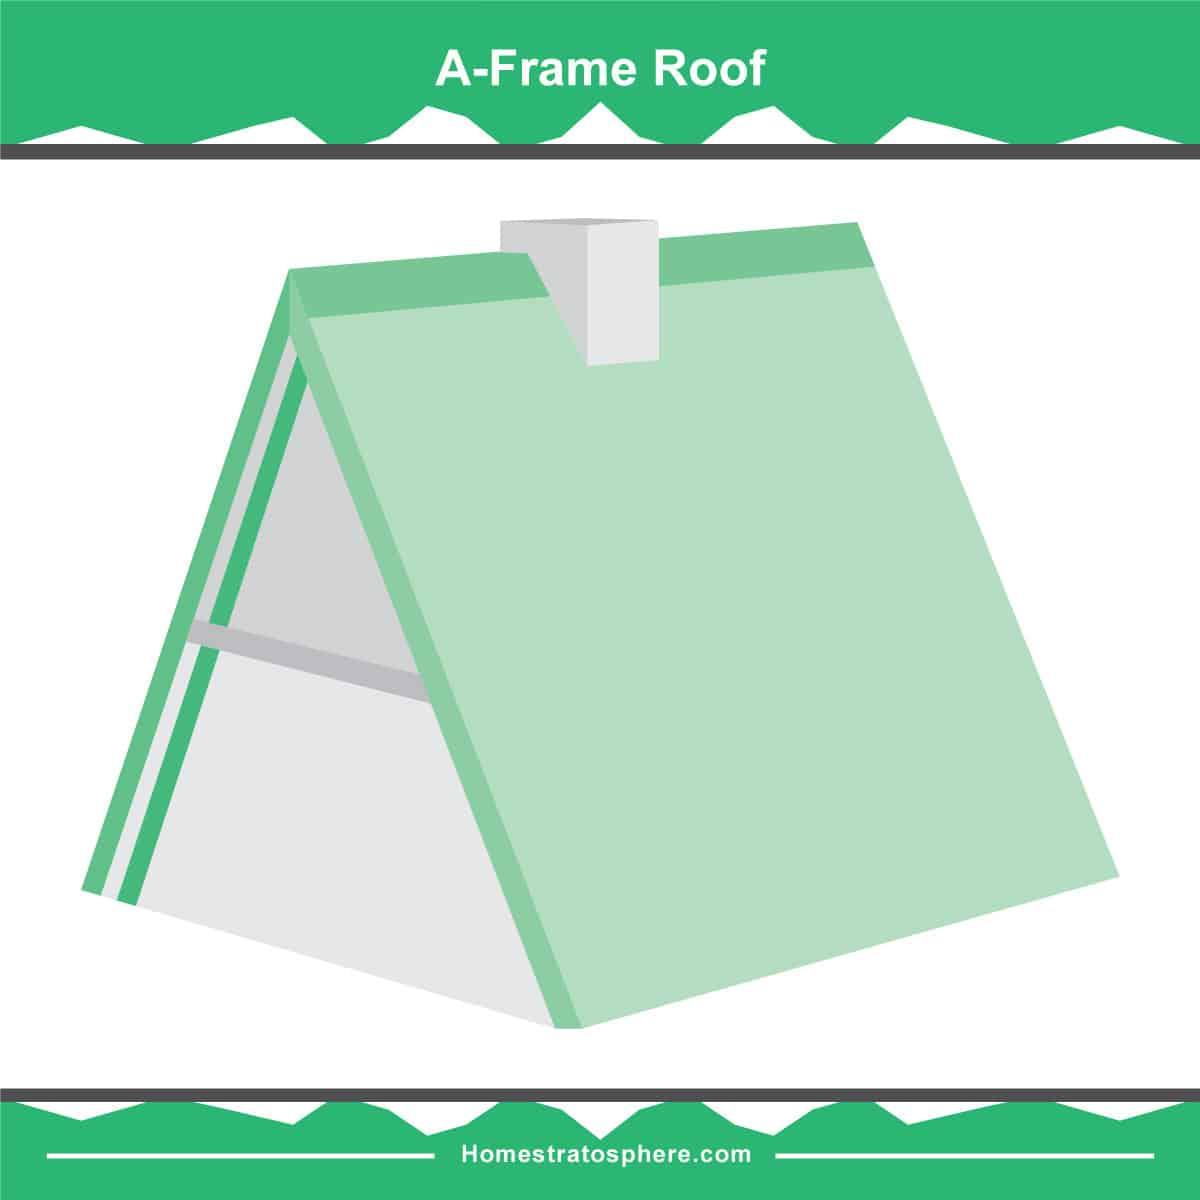 A-frame roof illustration